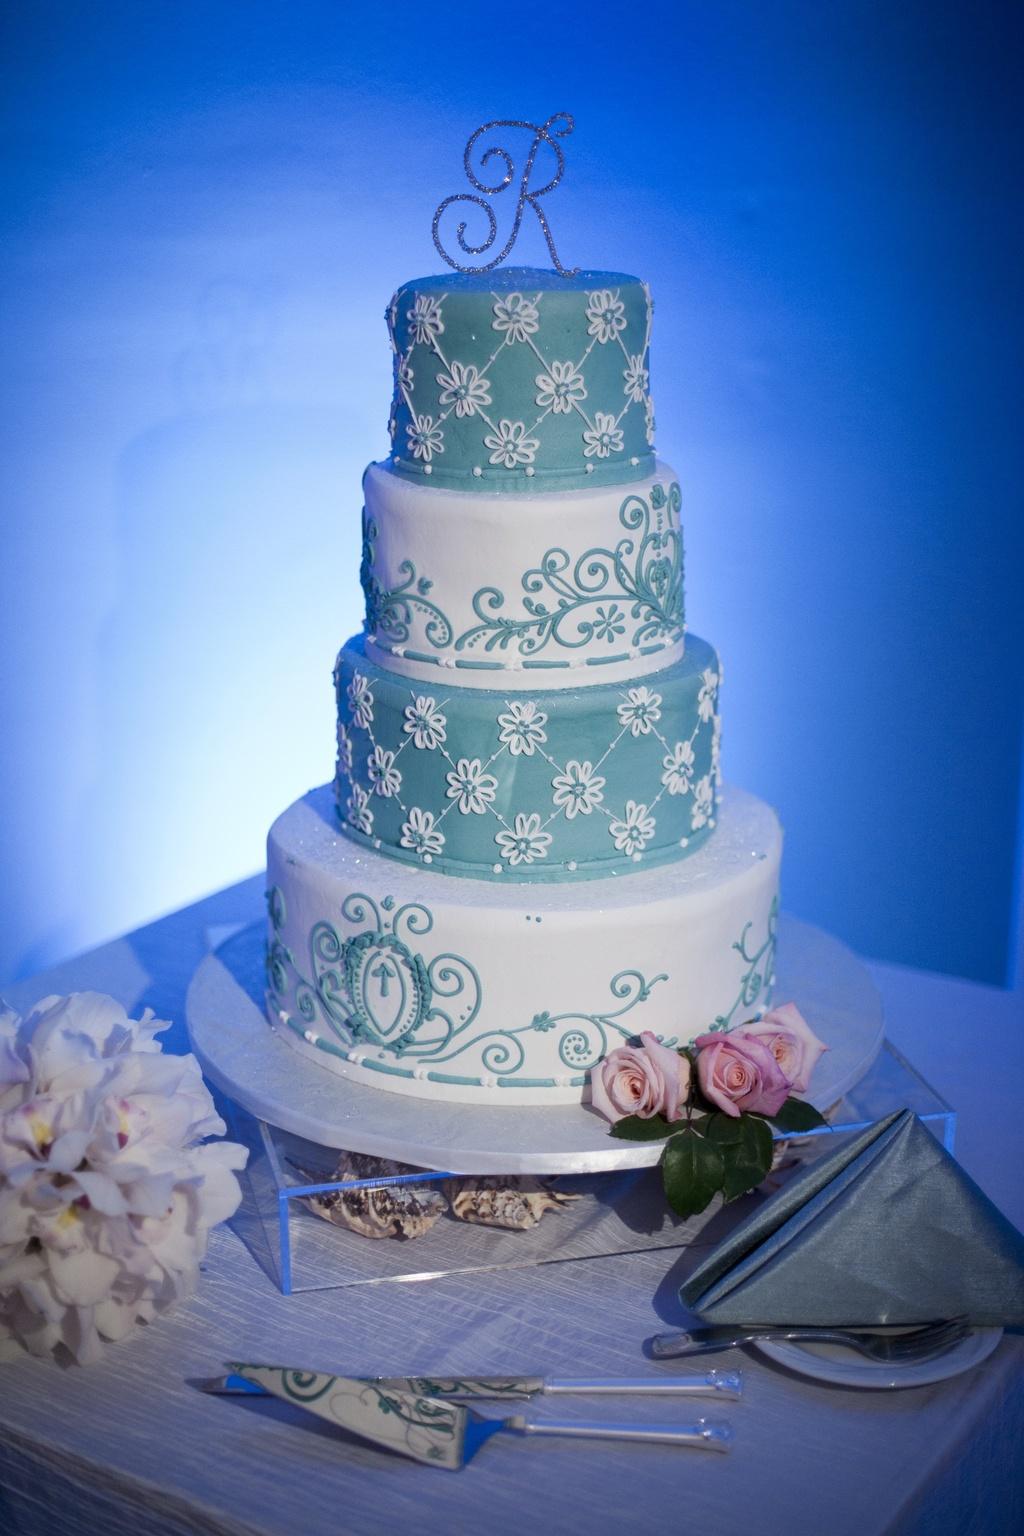 Opulent-wedding-cake-real-weddings-summer-themed.full